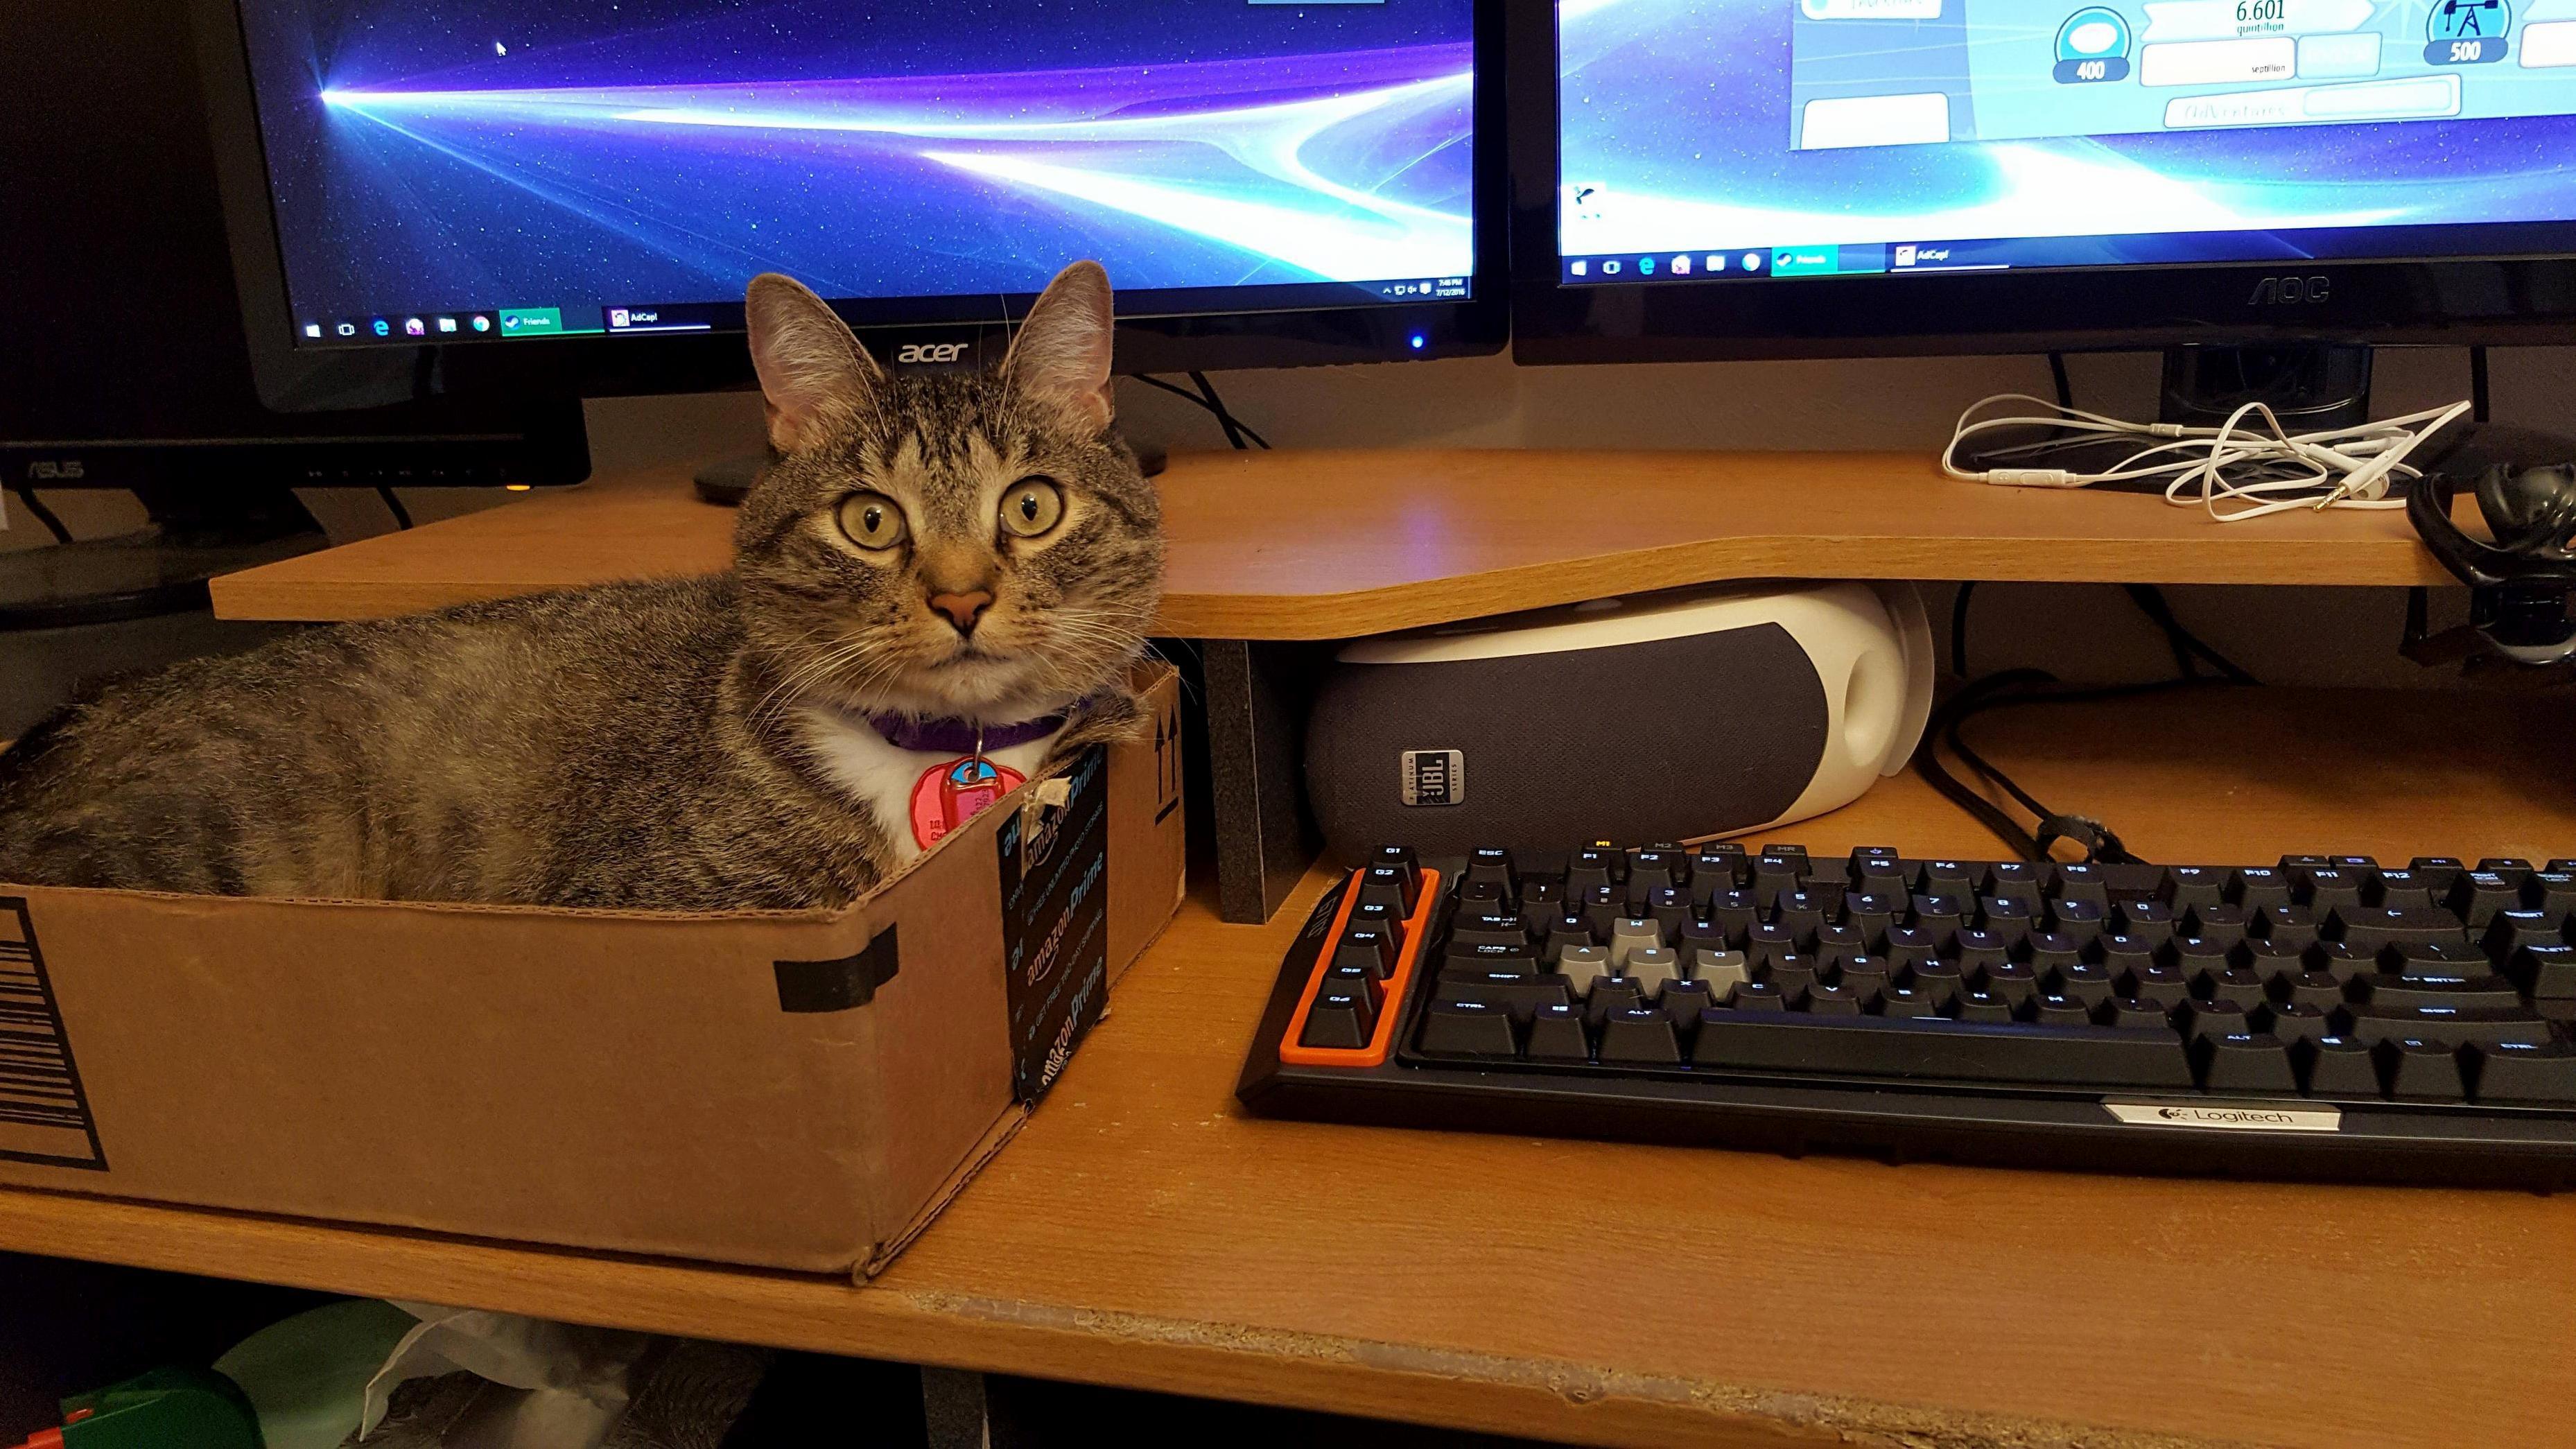 Desk cat